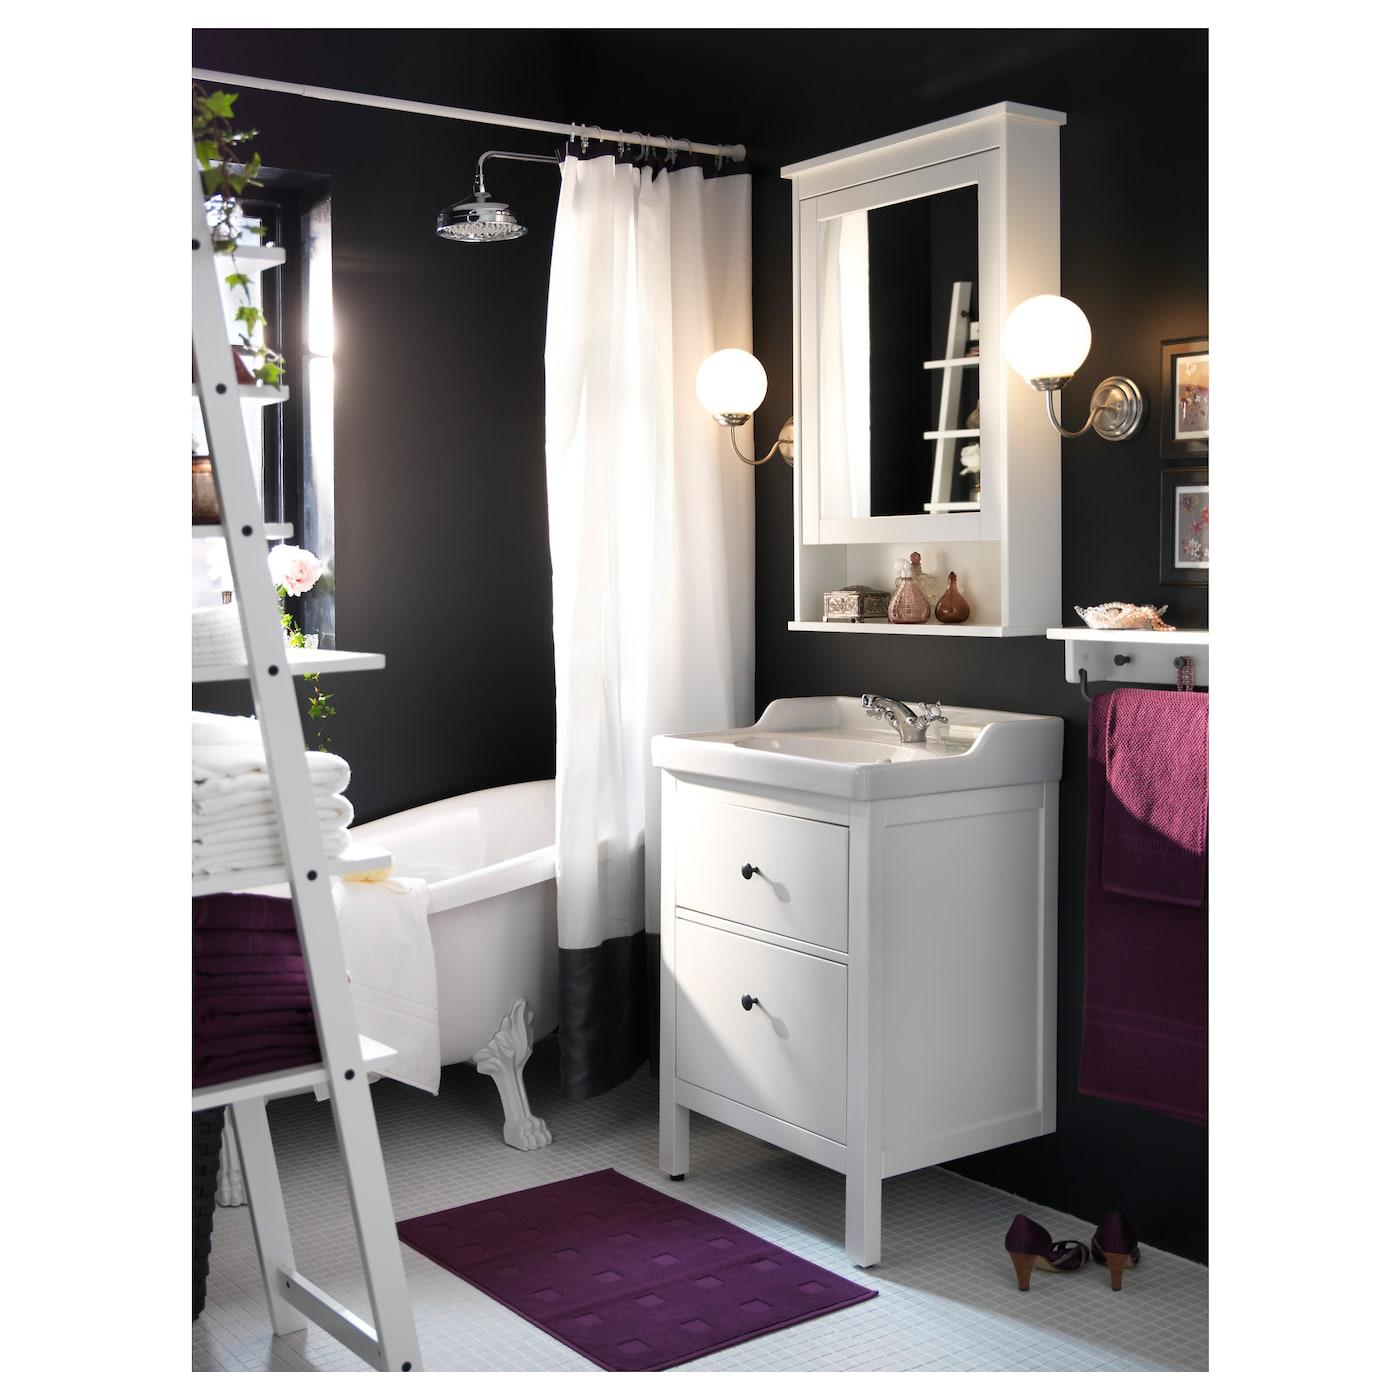 """HEMNES / RÄTTVIKEN Bathroom vanity - white/Runskär faucet 8 8/8x8 8/8x85  """" (8x8x8 cm)"""